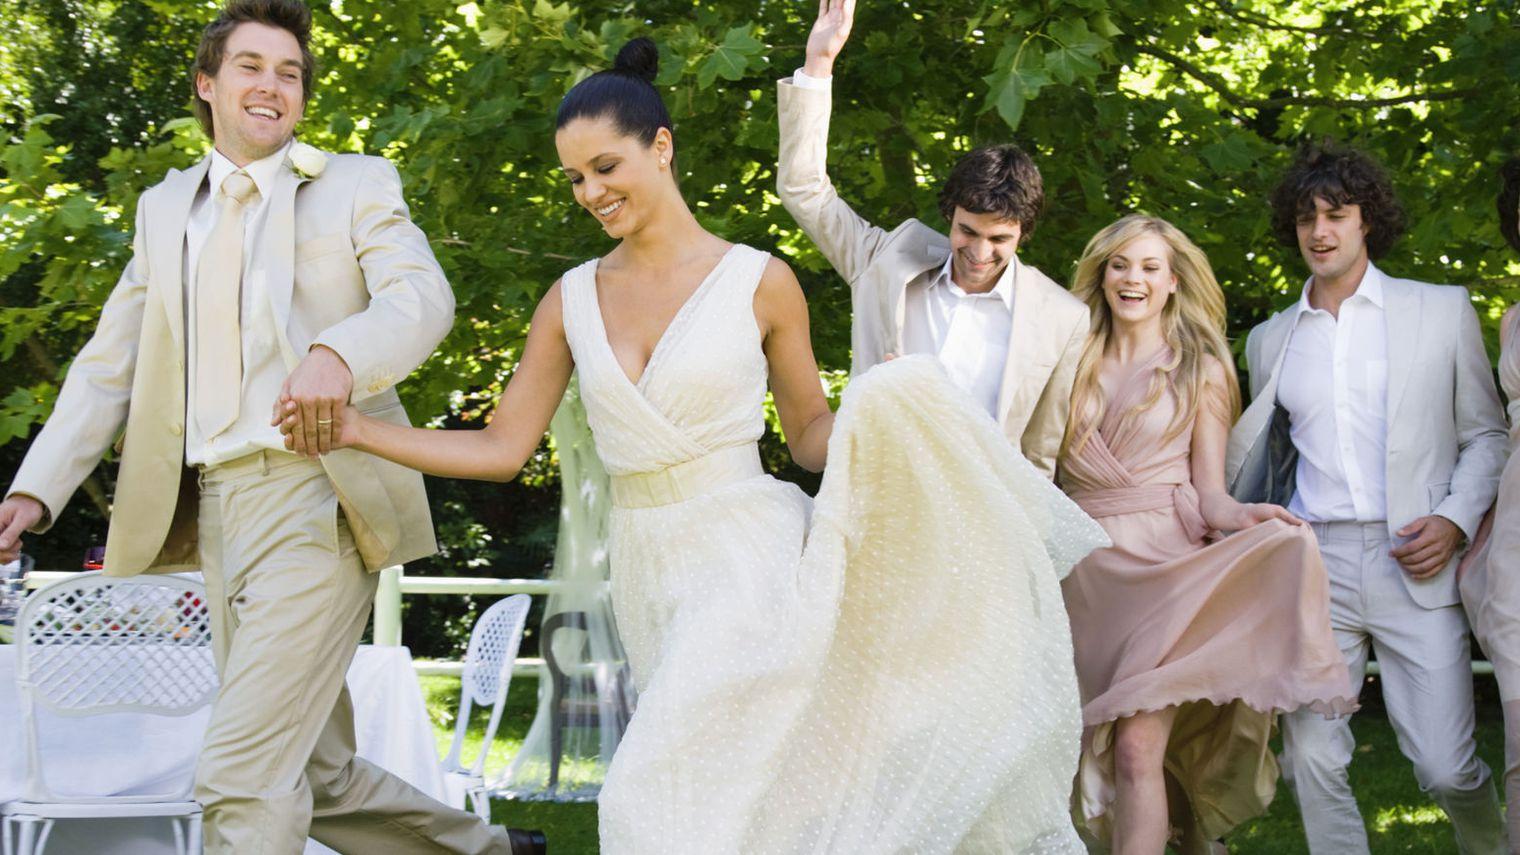 aise ses invités pendant le mariage – Blogueuse mode & lifestyle